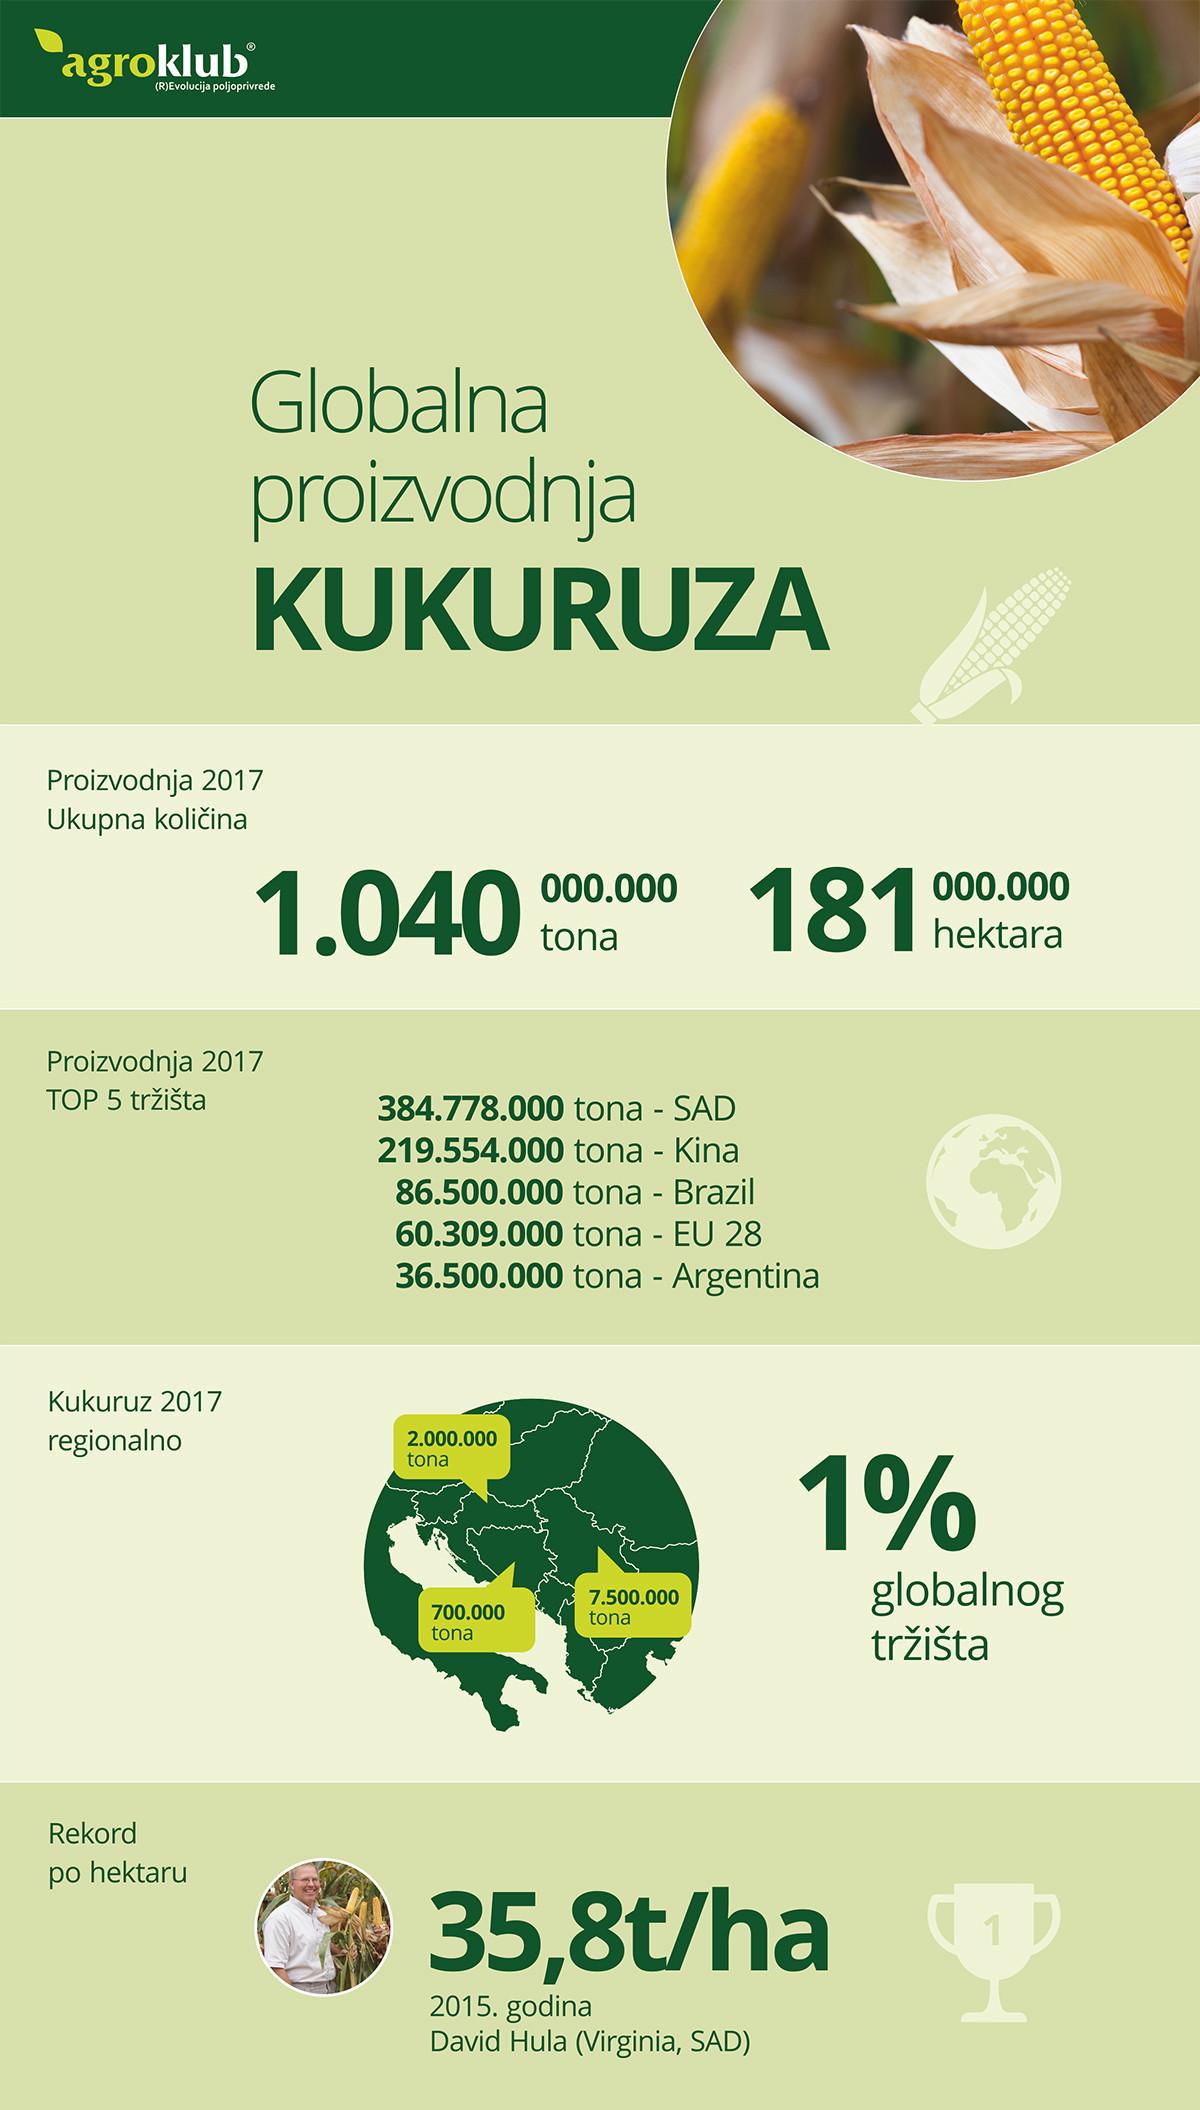 Infografika globalne proizvodnje kukuruza 2016/2017 (49960)